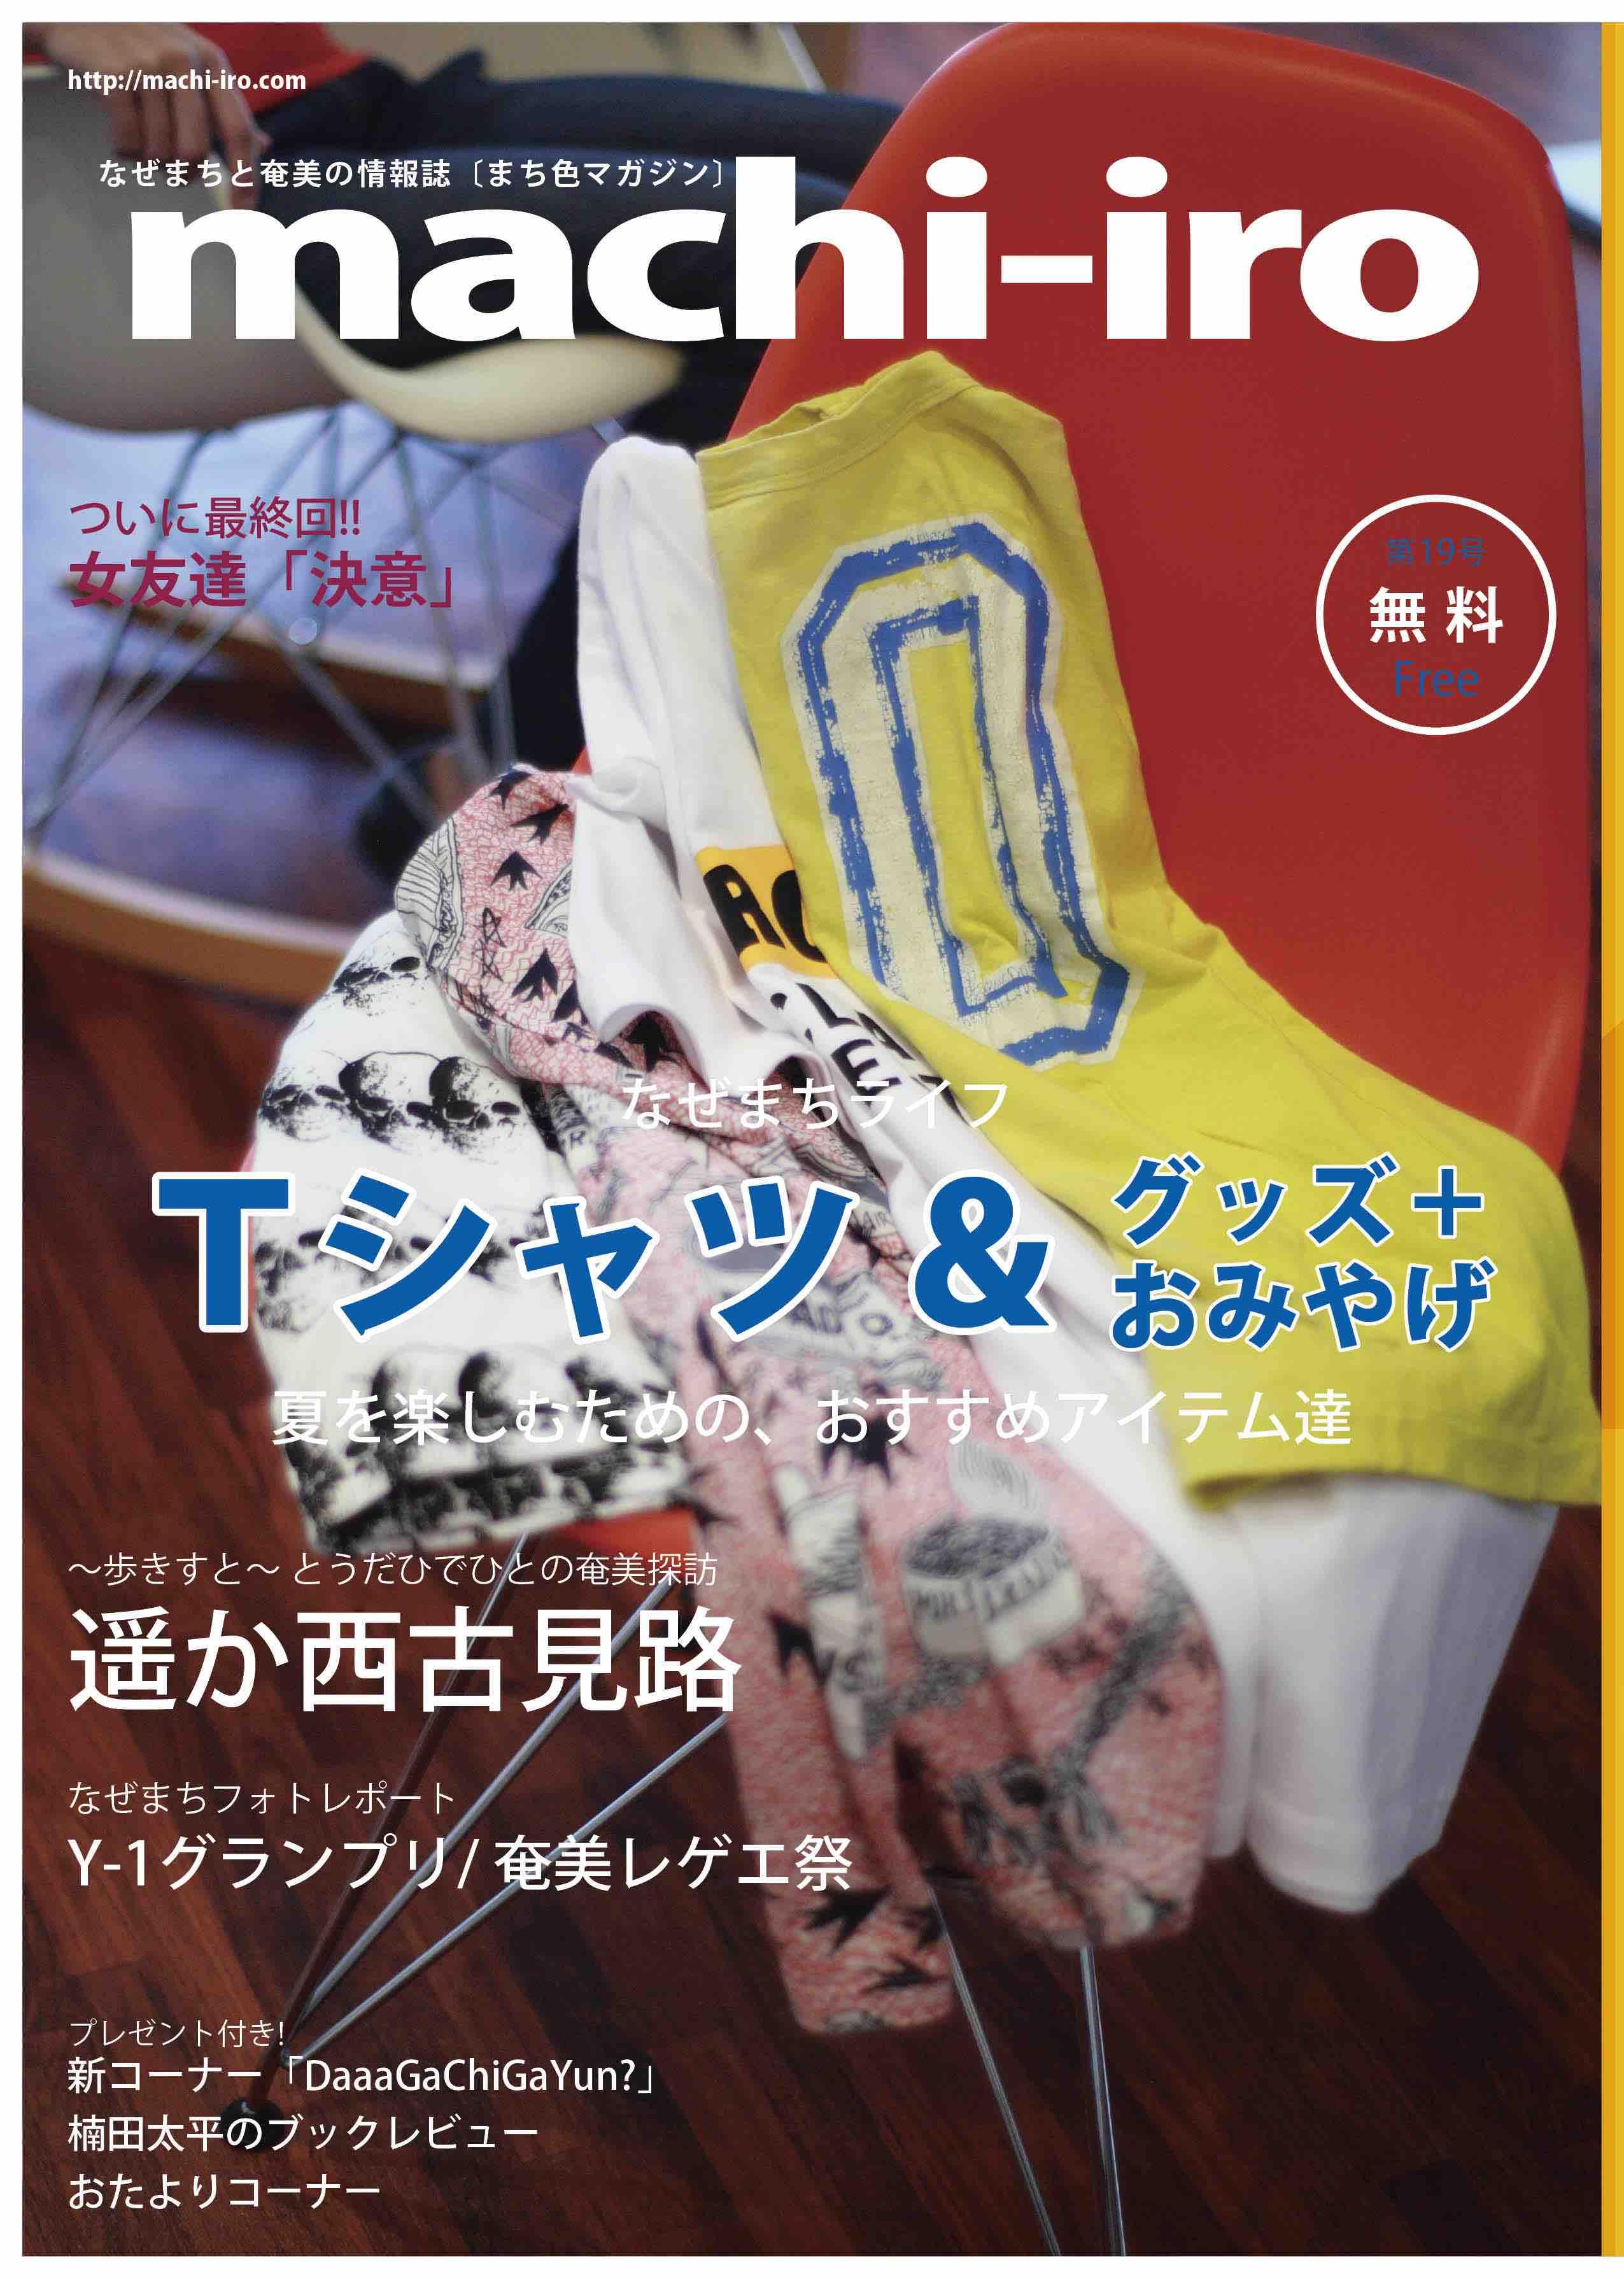 machi-iro magazine #19